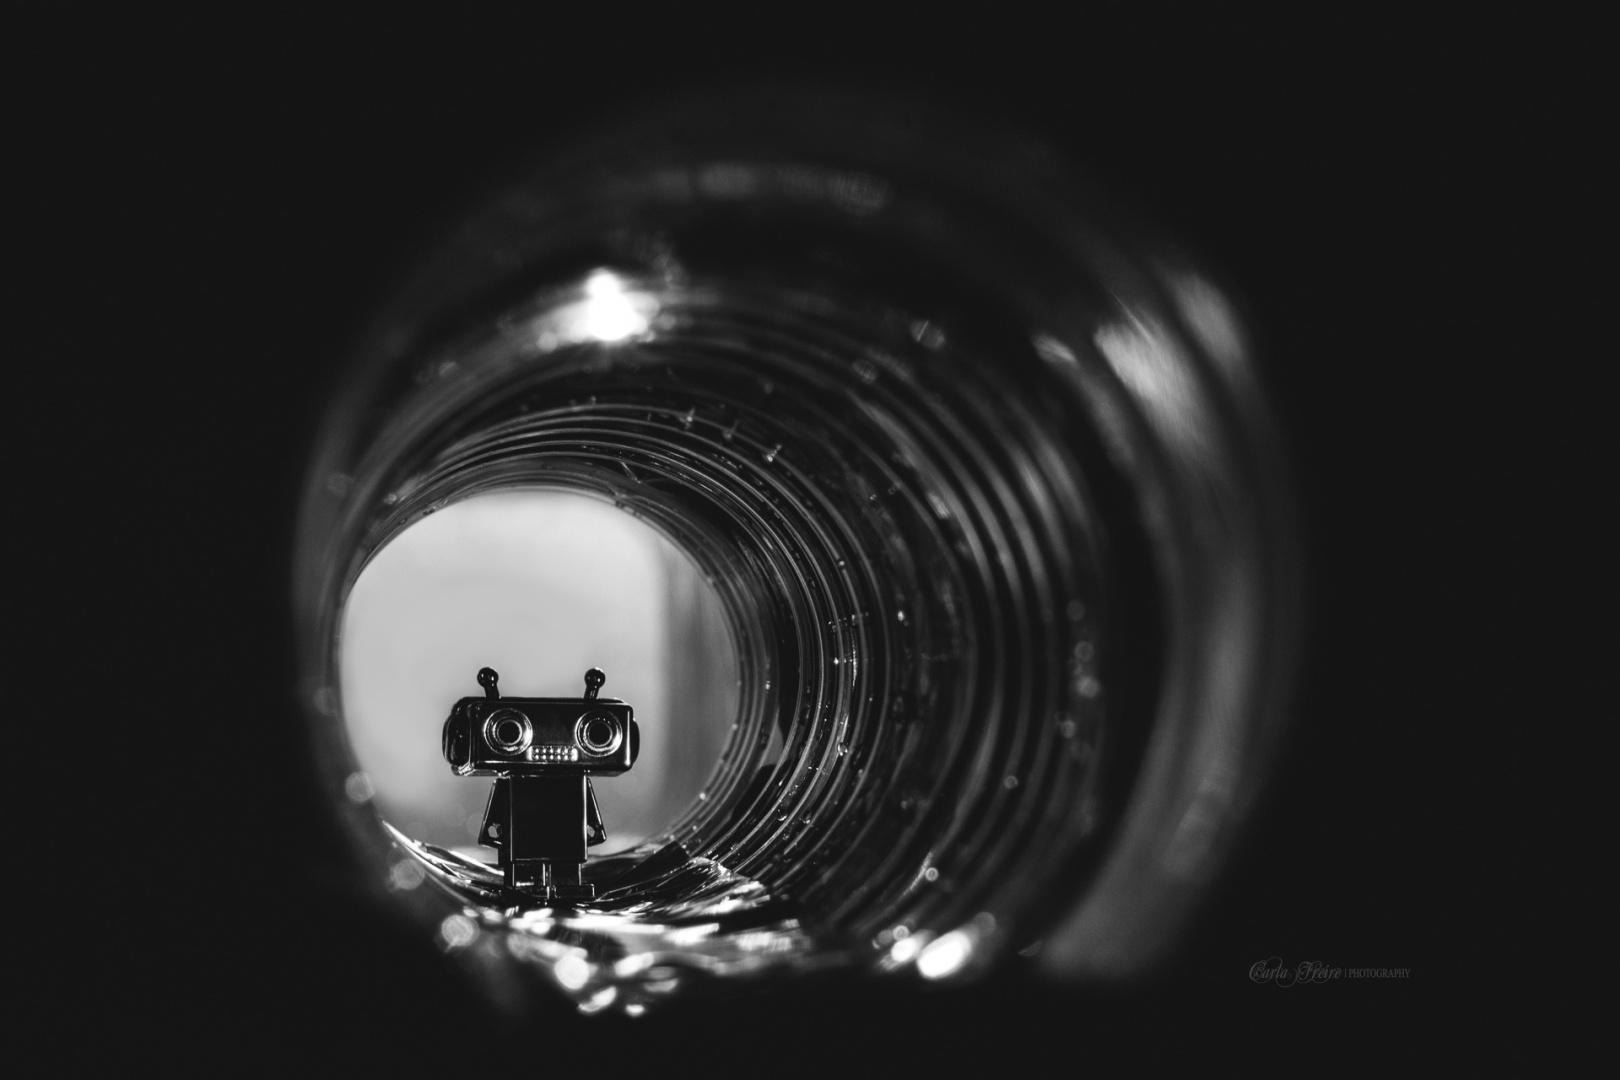 © Carla Freire - Exploring ...